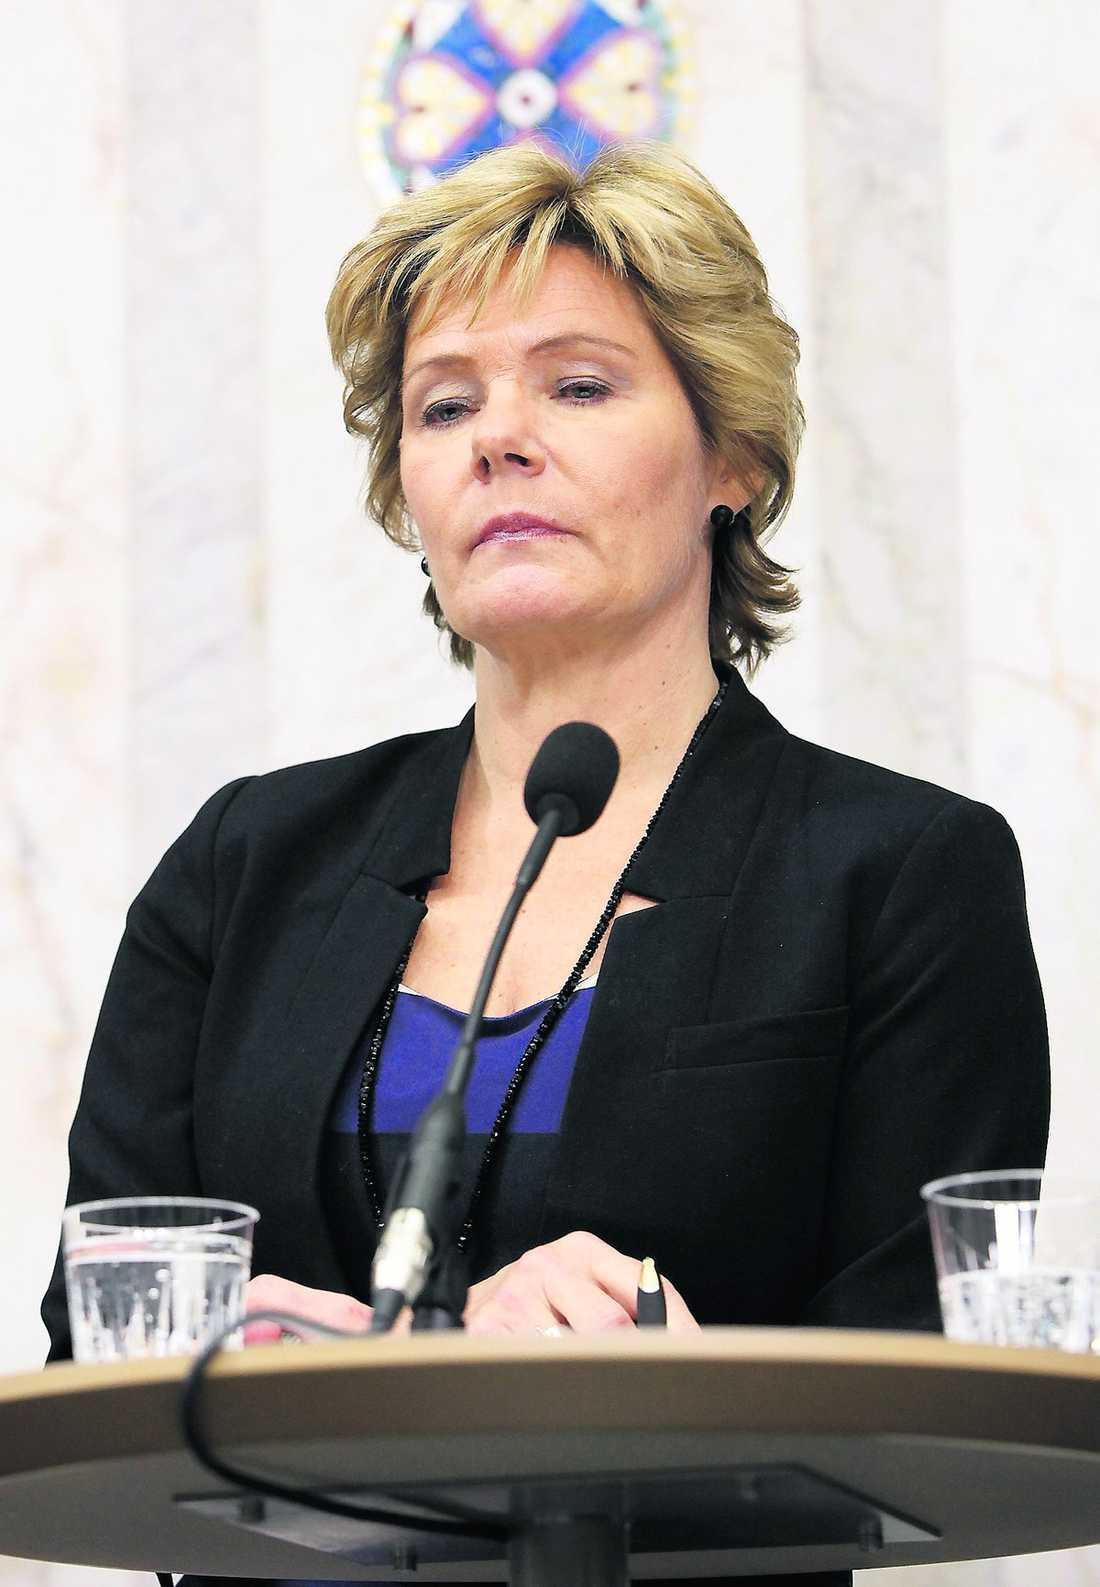 Äldre- och folkhälsominister Maria Larsson (KD) lovar att se över parets situation.